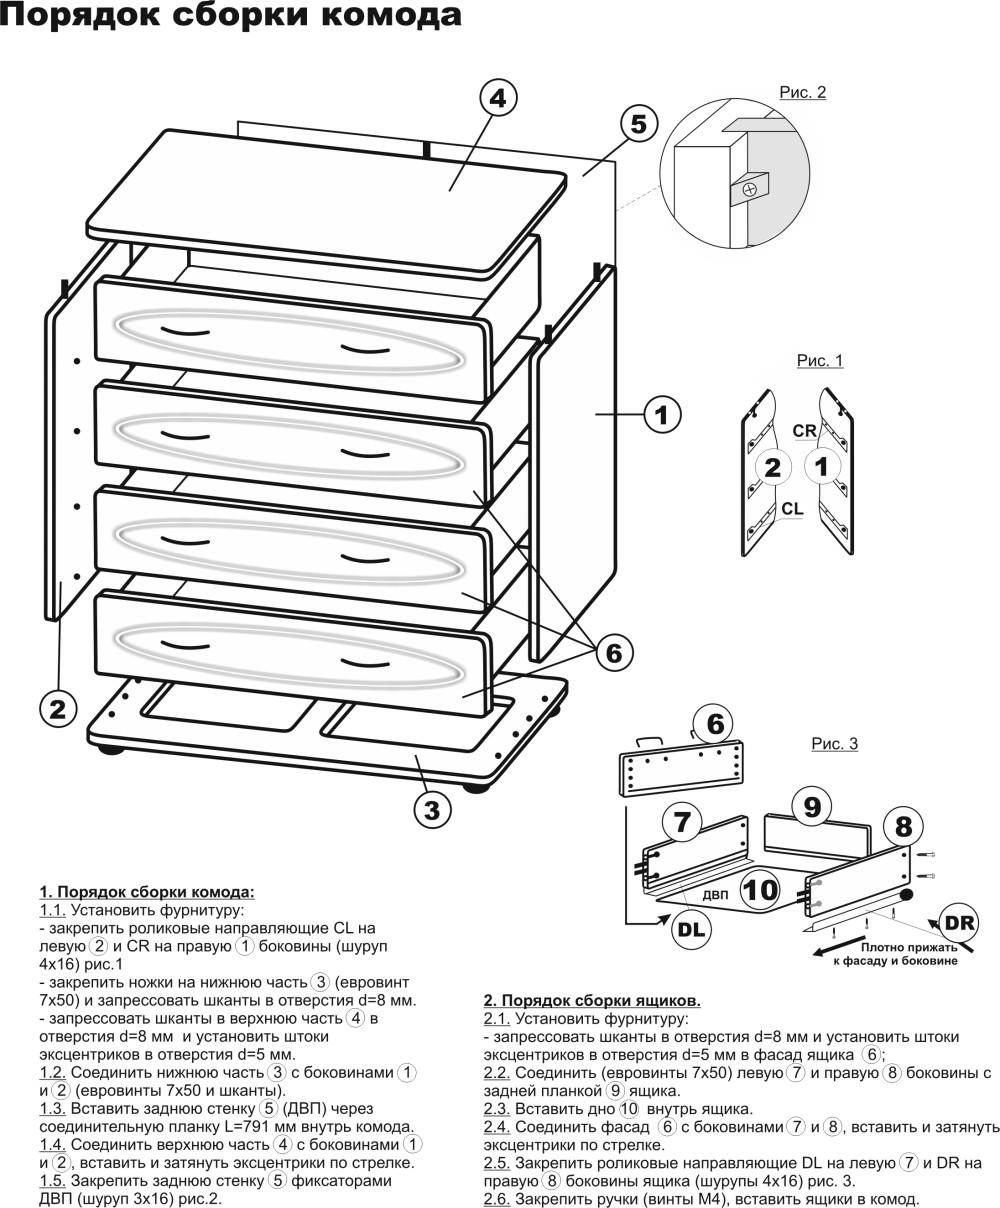 Сборка мебели своими руками чертежи